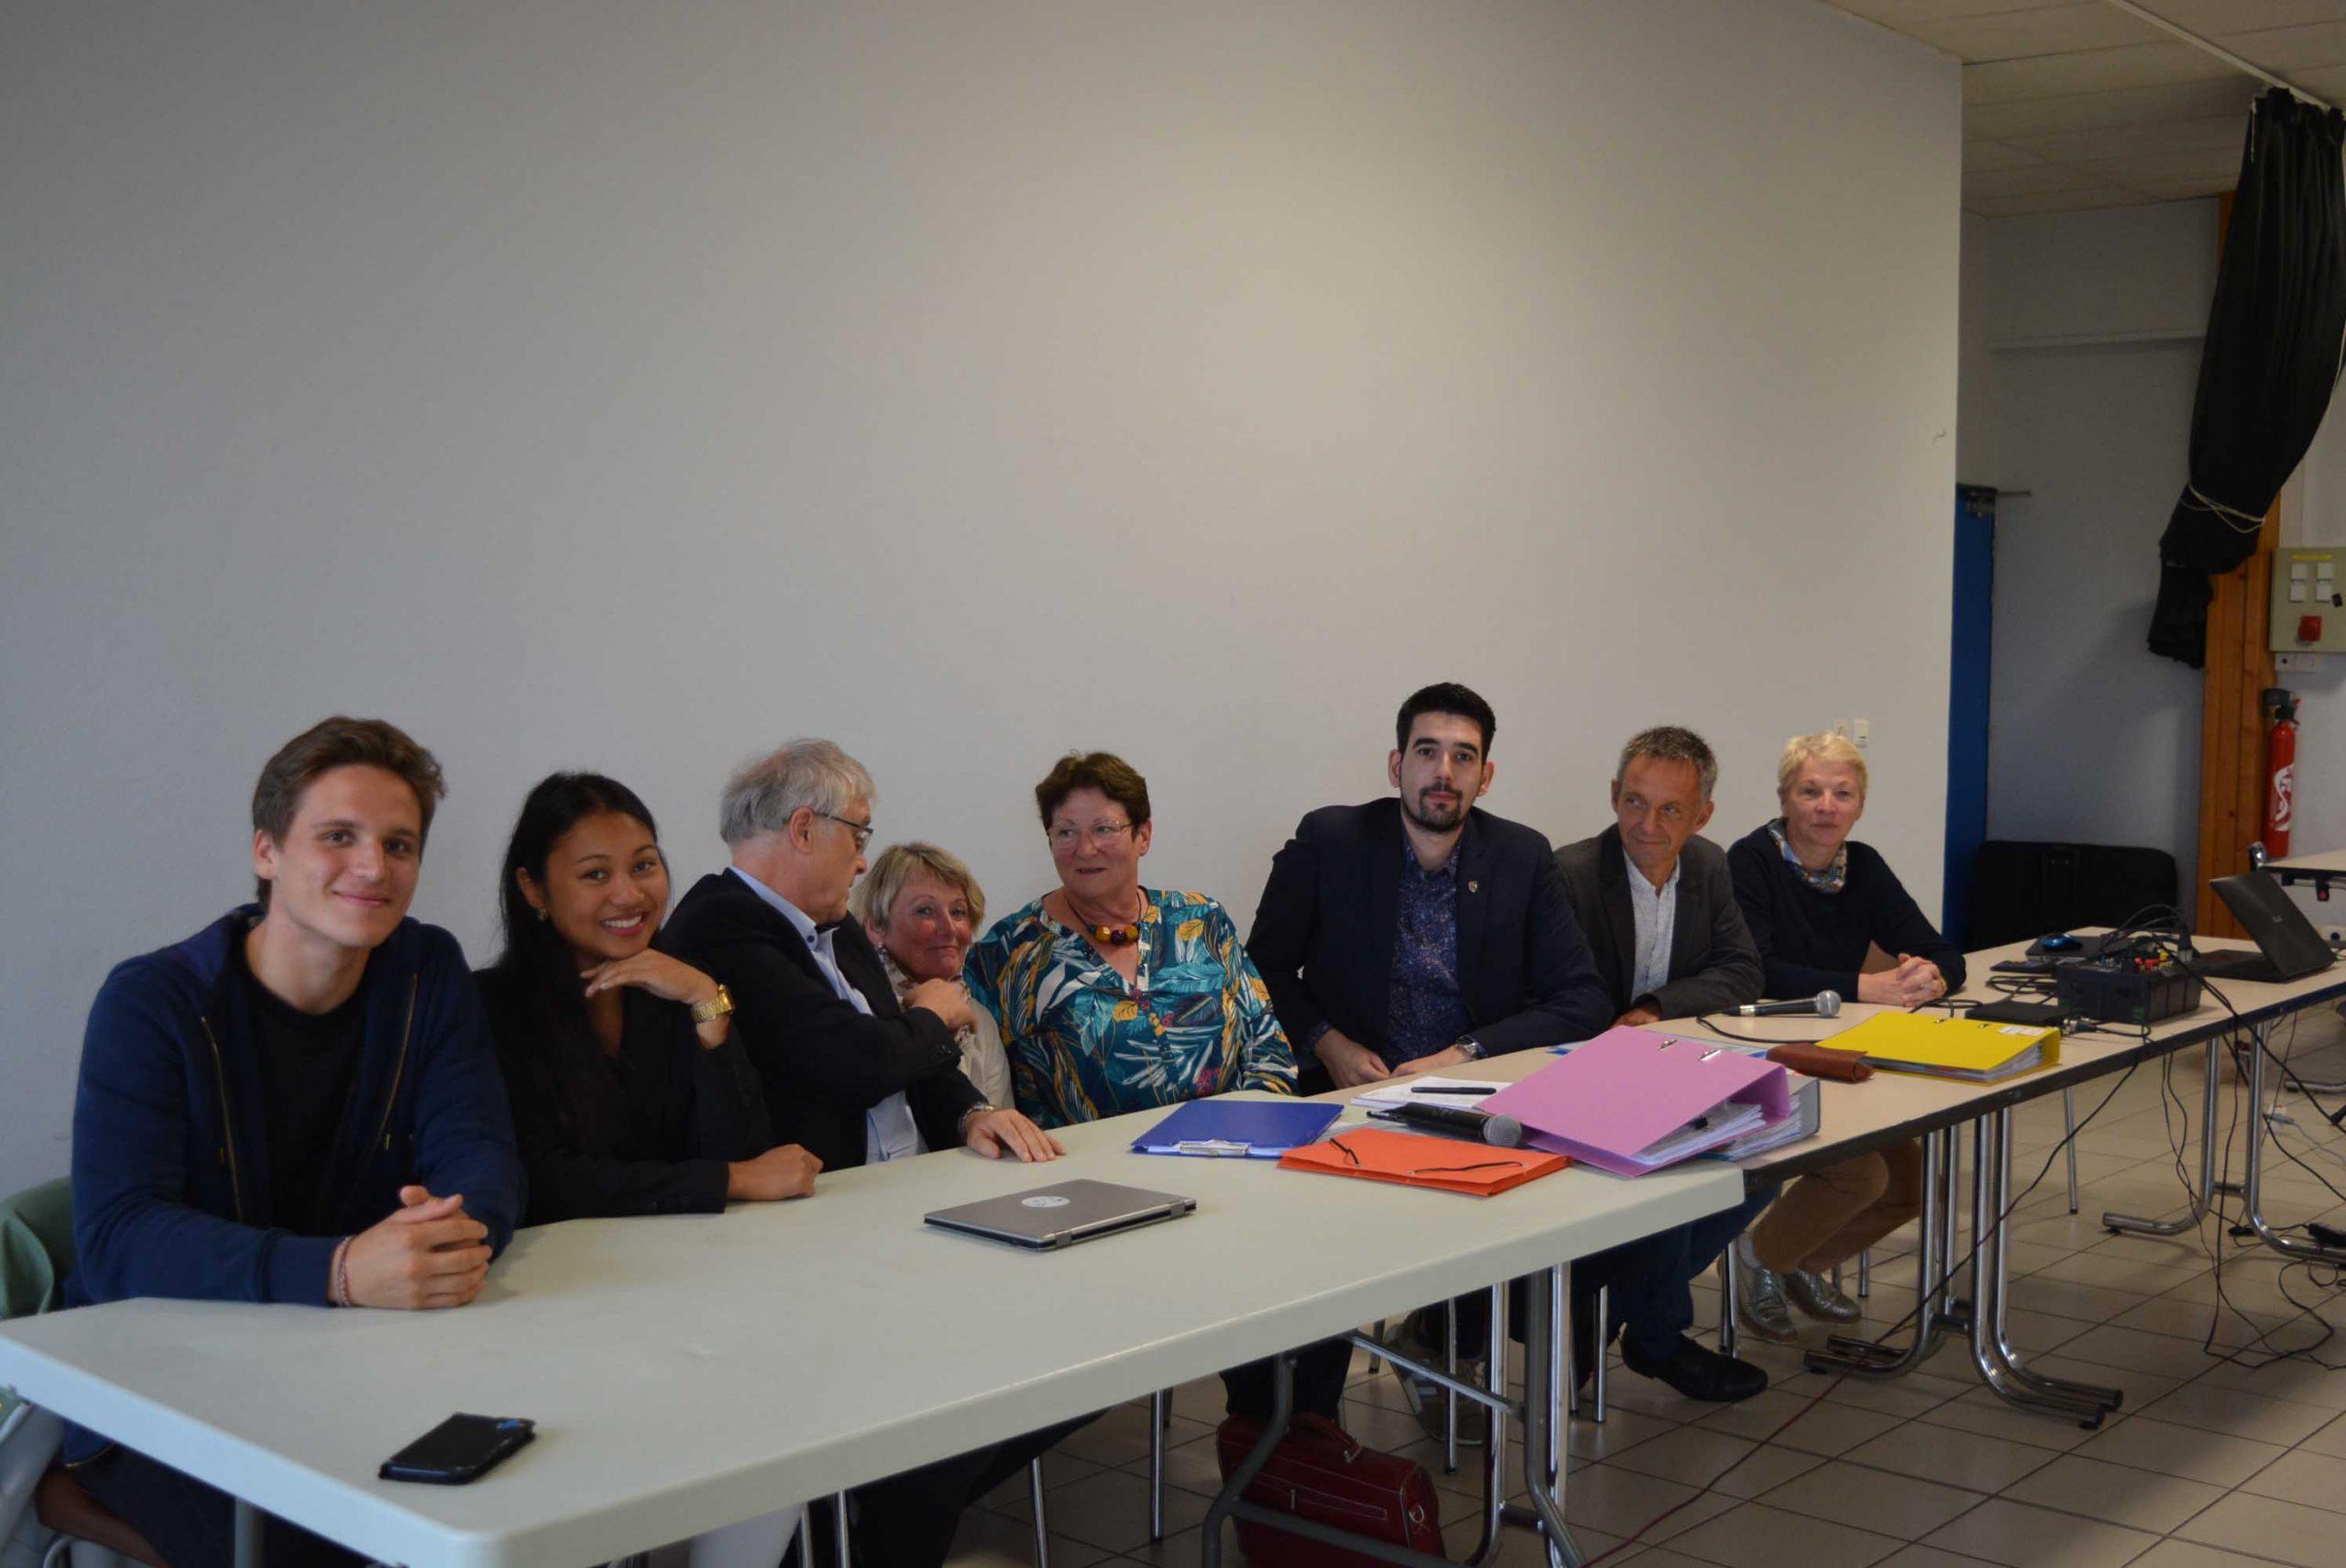 Die Vertreter des IGP e.V. waren im Plouguerneau bei der Mitgliederversammlung des Comité de Jumelage